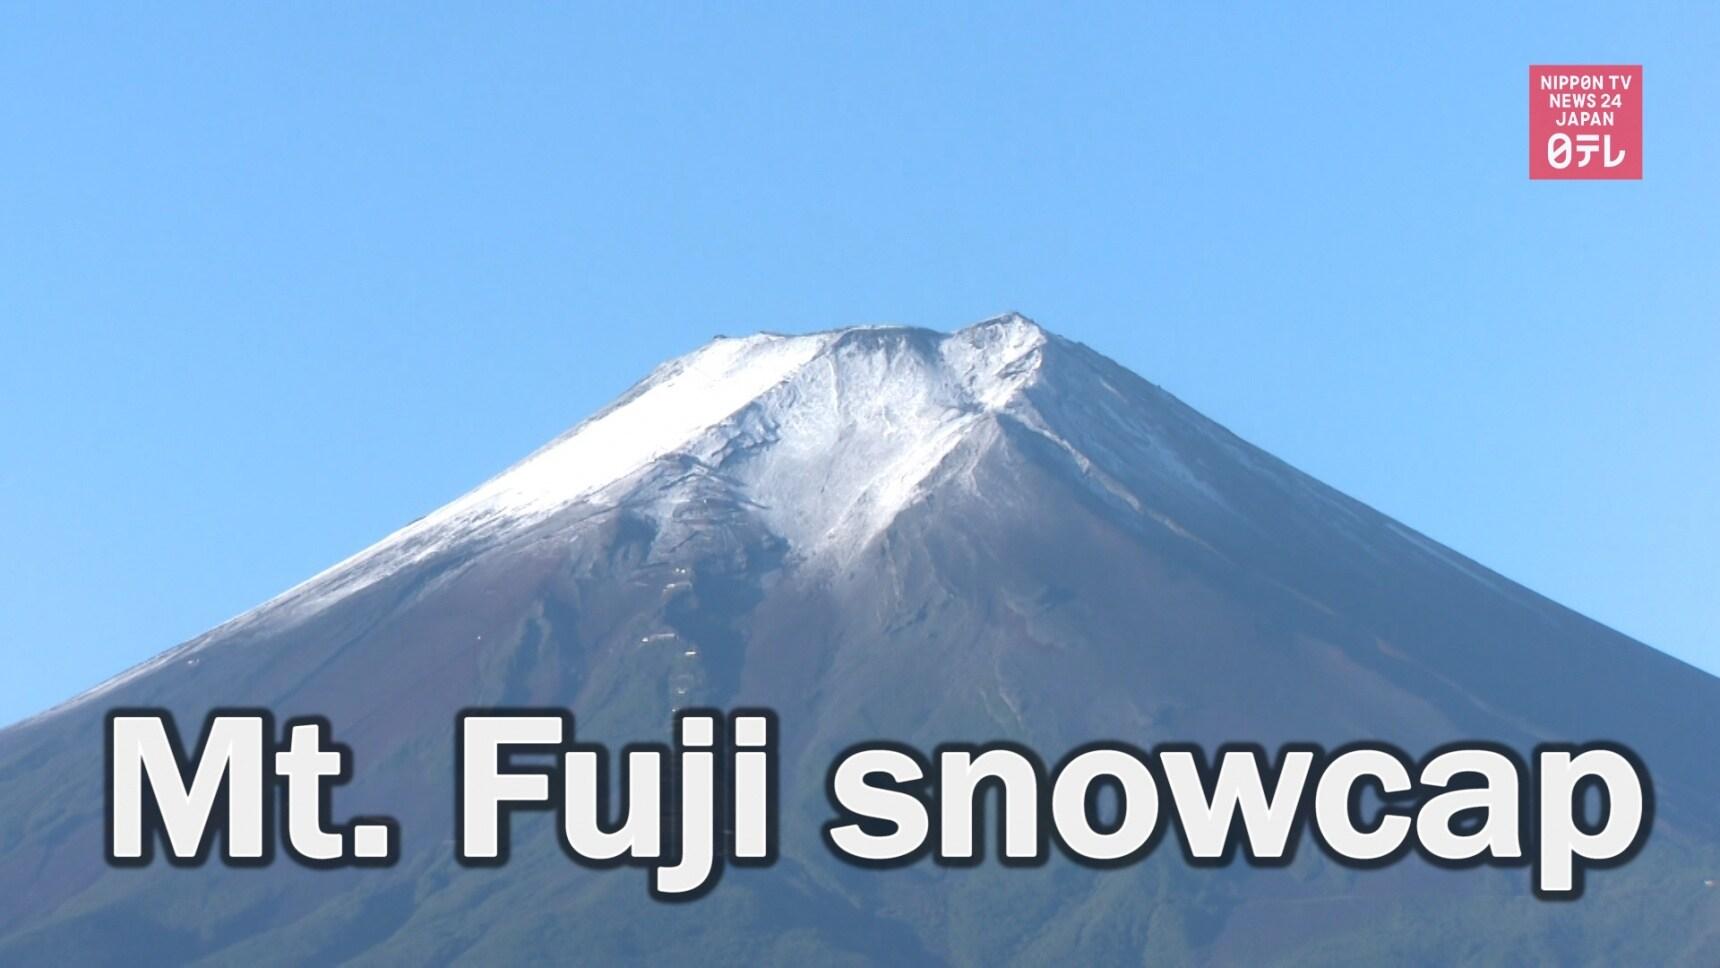 Mt. Fuji Gets First Snowcap